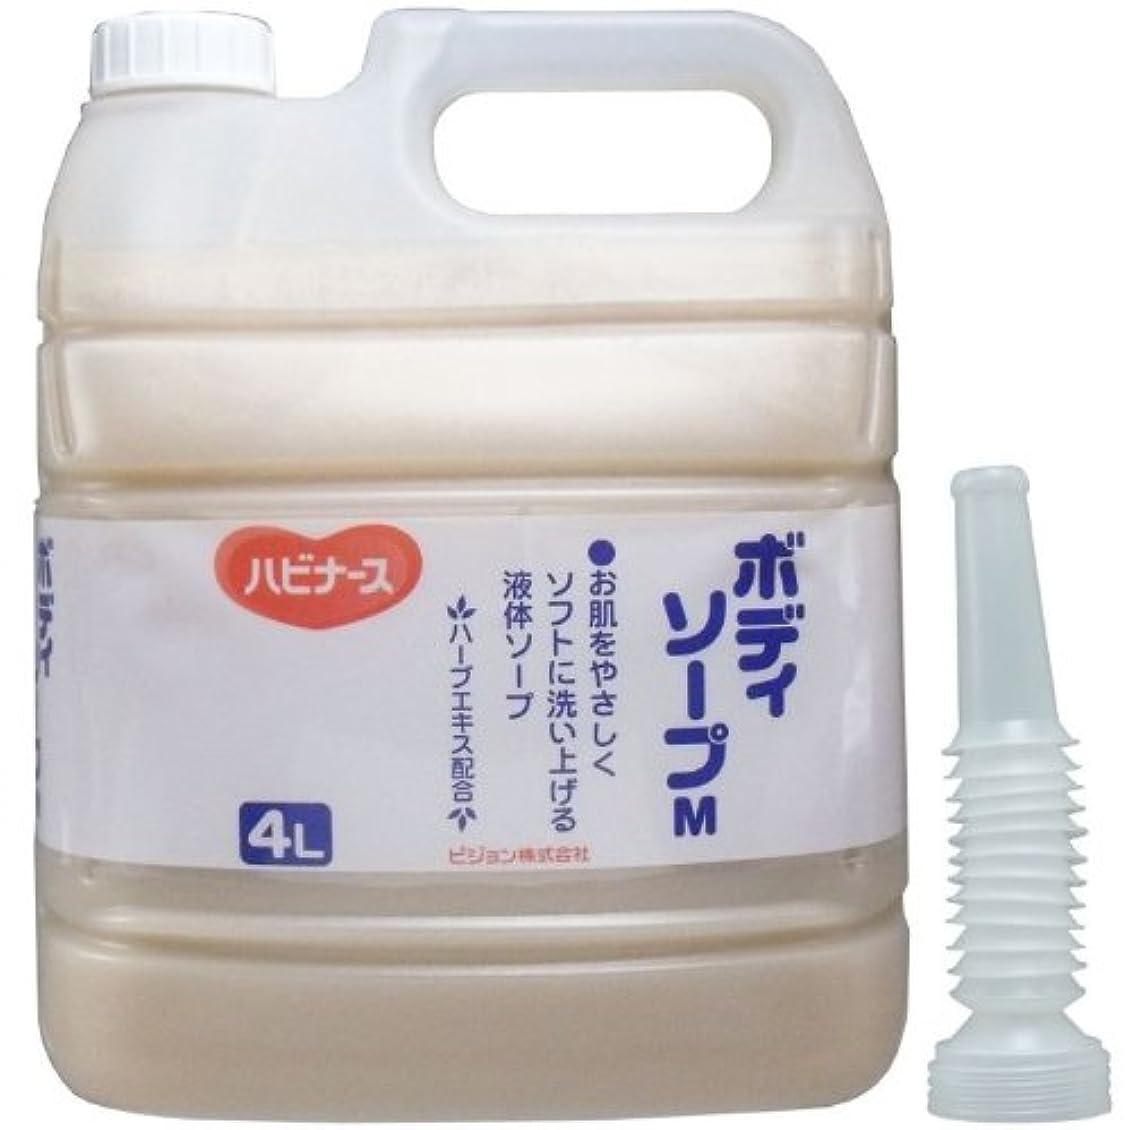 やろうフィット環境保護主義者液体ソープ ボディソープ 風呂 石ケン お肌をやさしくソフトに洗い上げる!業務用 4L【2個セット】